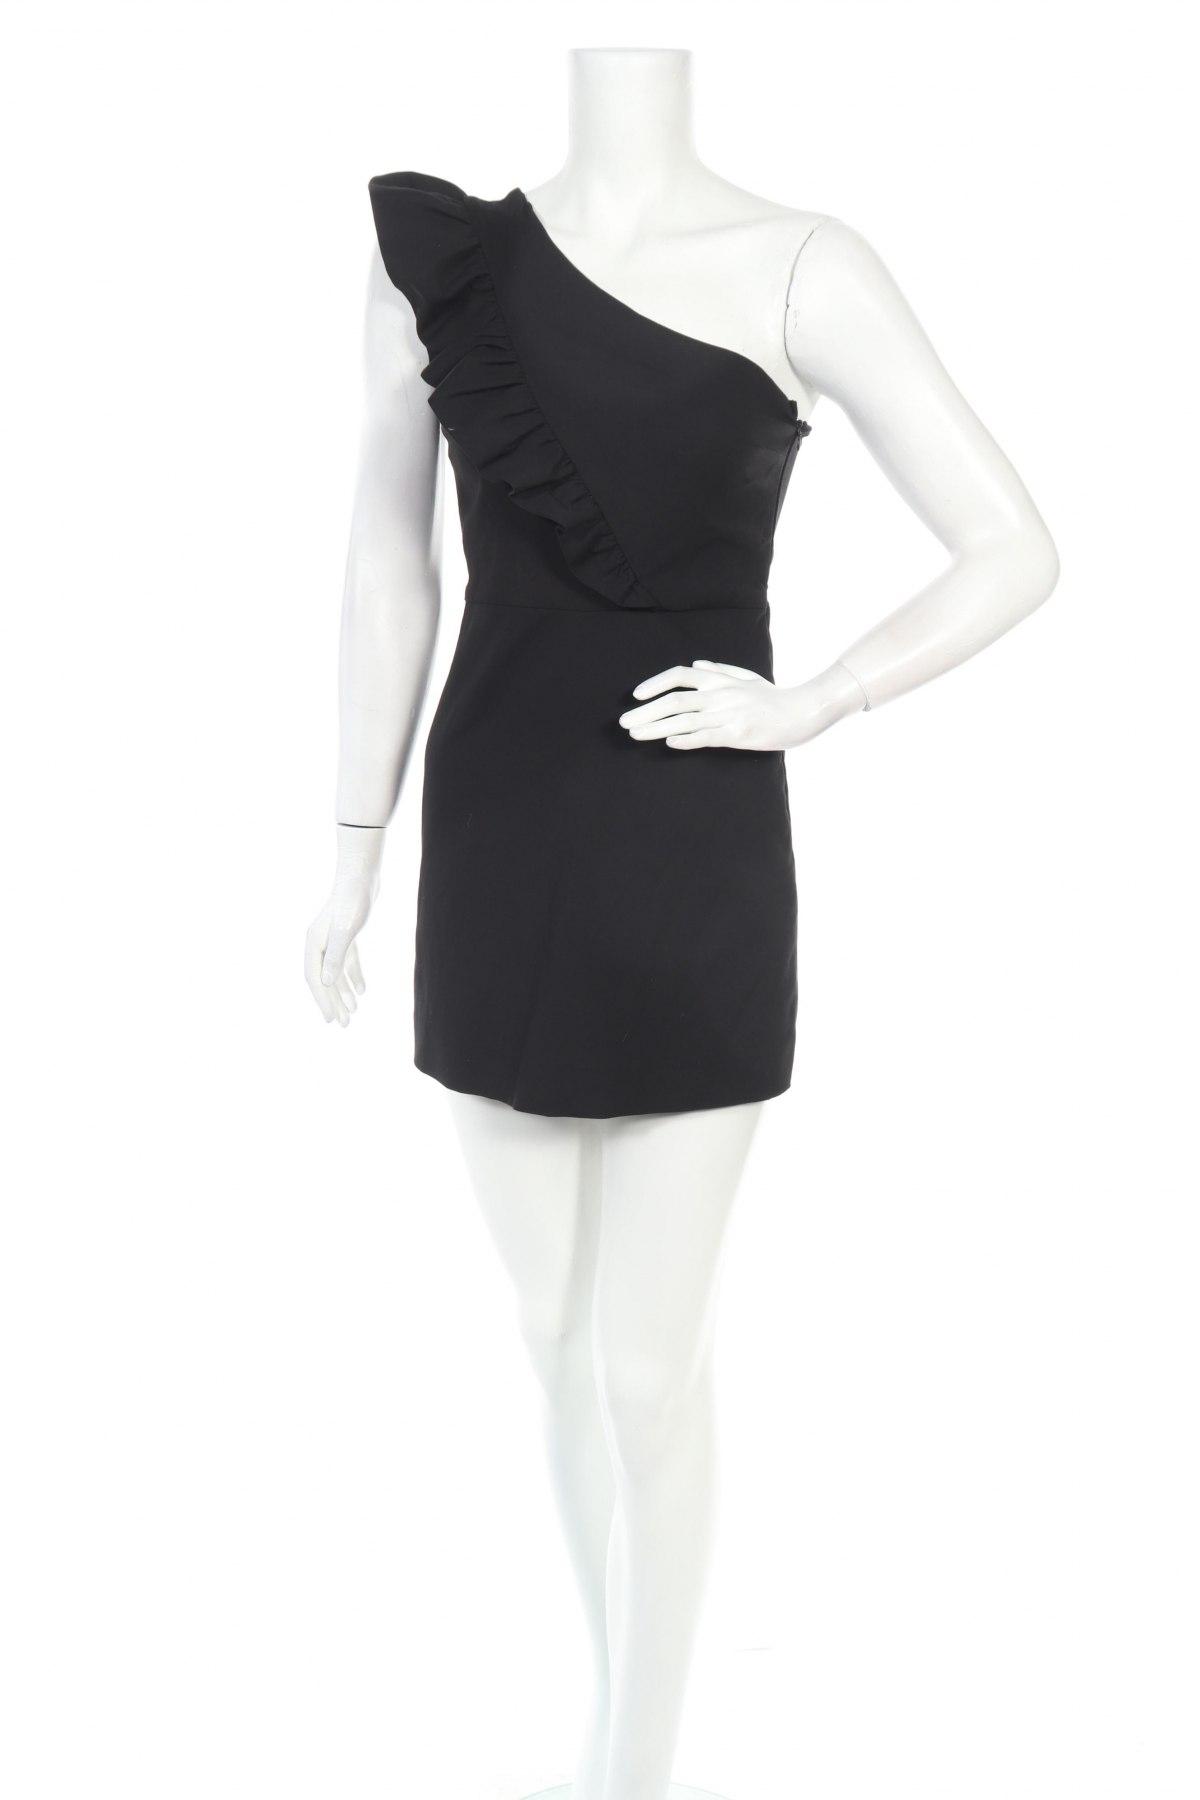 Γυναικεία σαλοπέτα Zara, Μέγεθος S, Χρώμα Μαύρο, 51% βαμβάκι, 46% πολυεστέρας, 3% ελαστάνη, Τιμή 26,68€